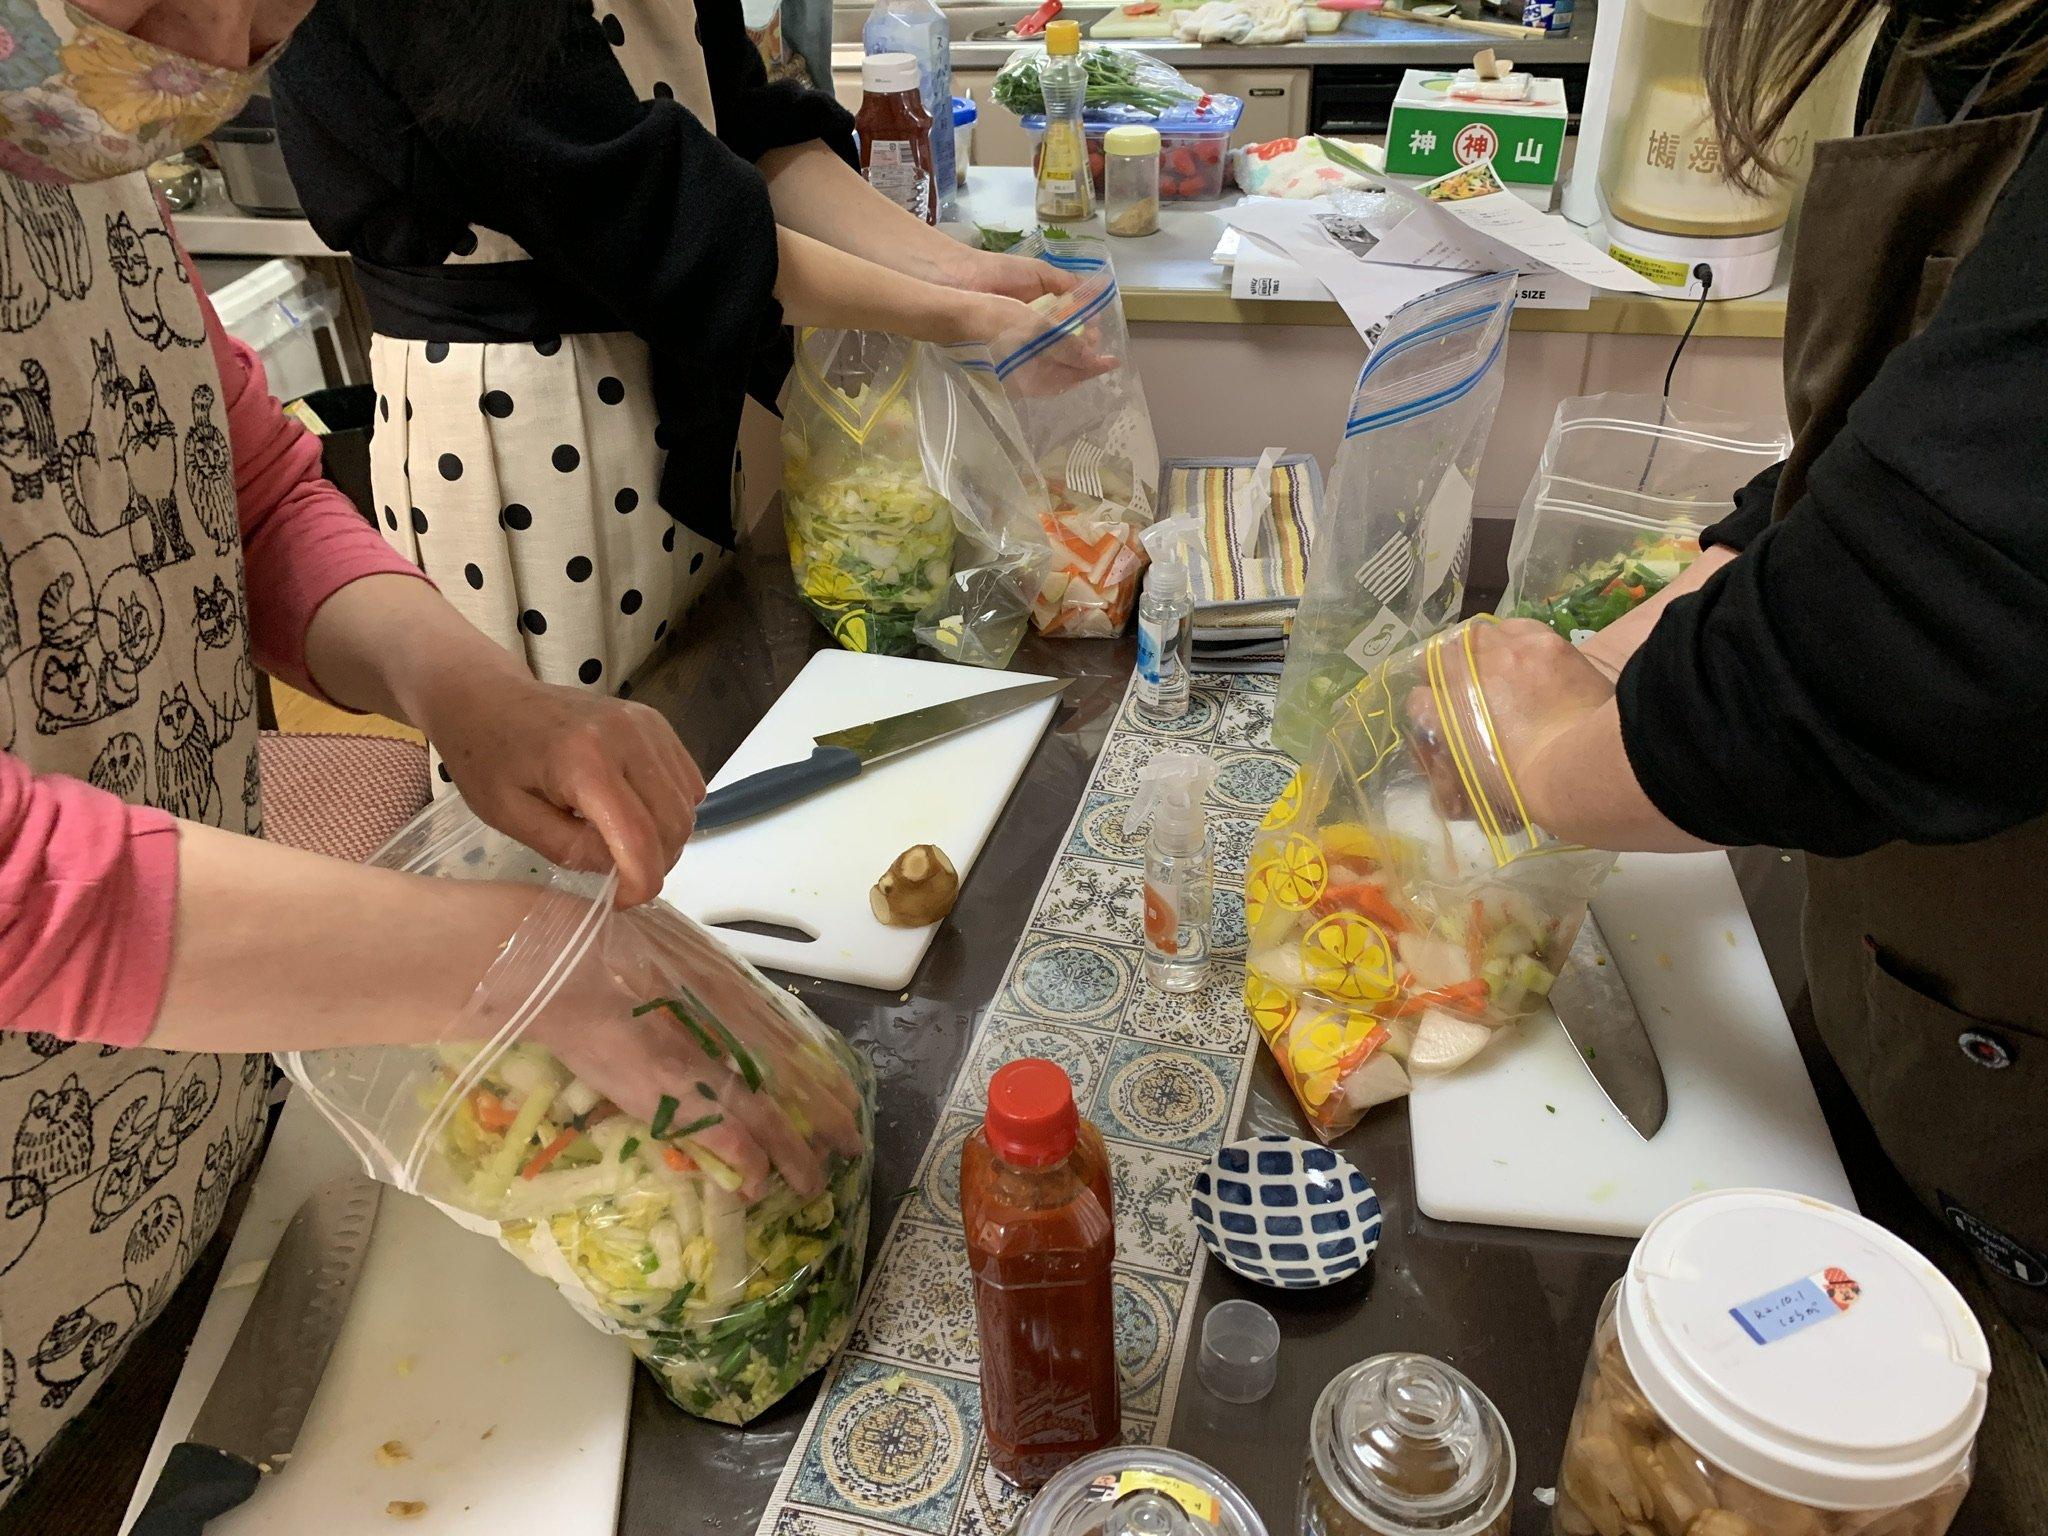 5月7日(金)ミネラル醗酵キムチ教室のイメージその3